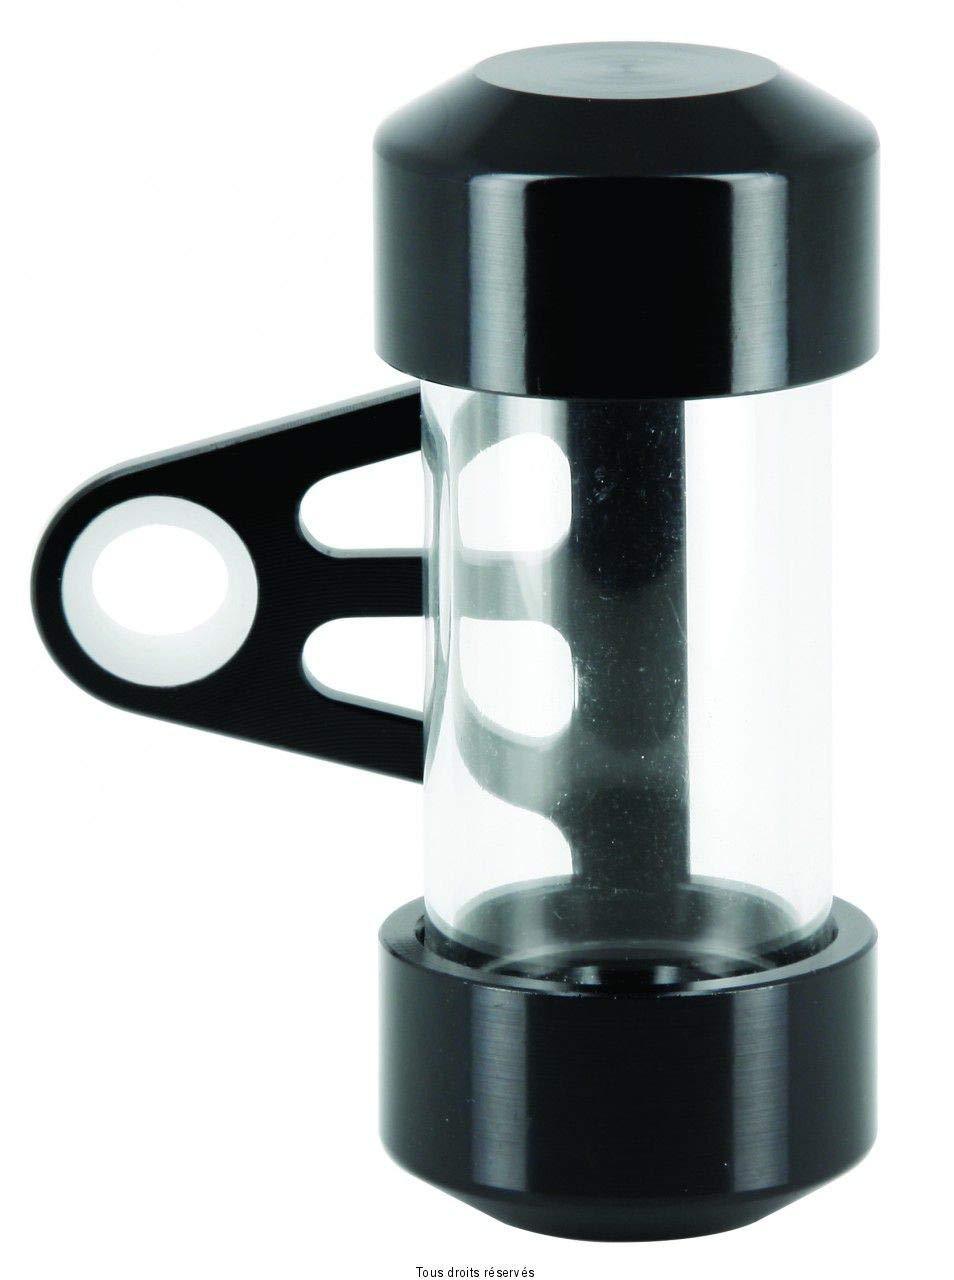 Porte vignette cylindrique - Sifam TDH004